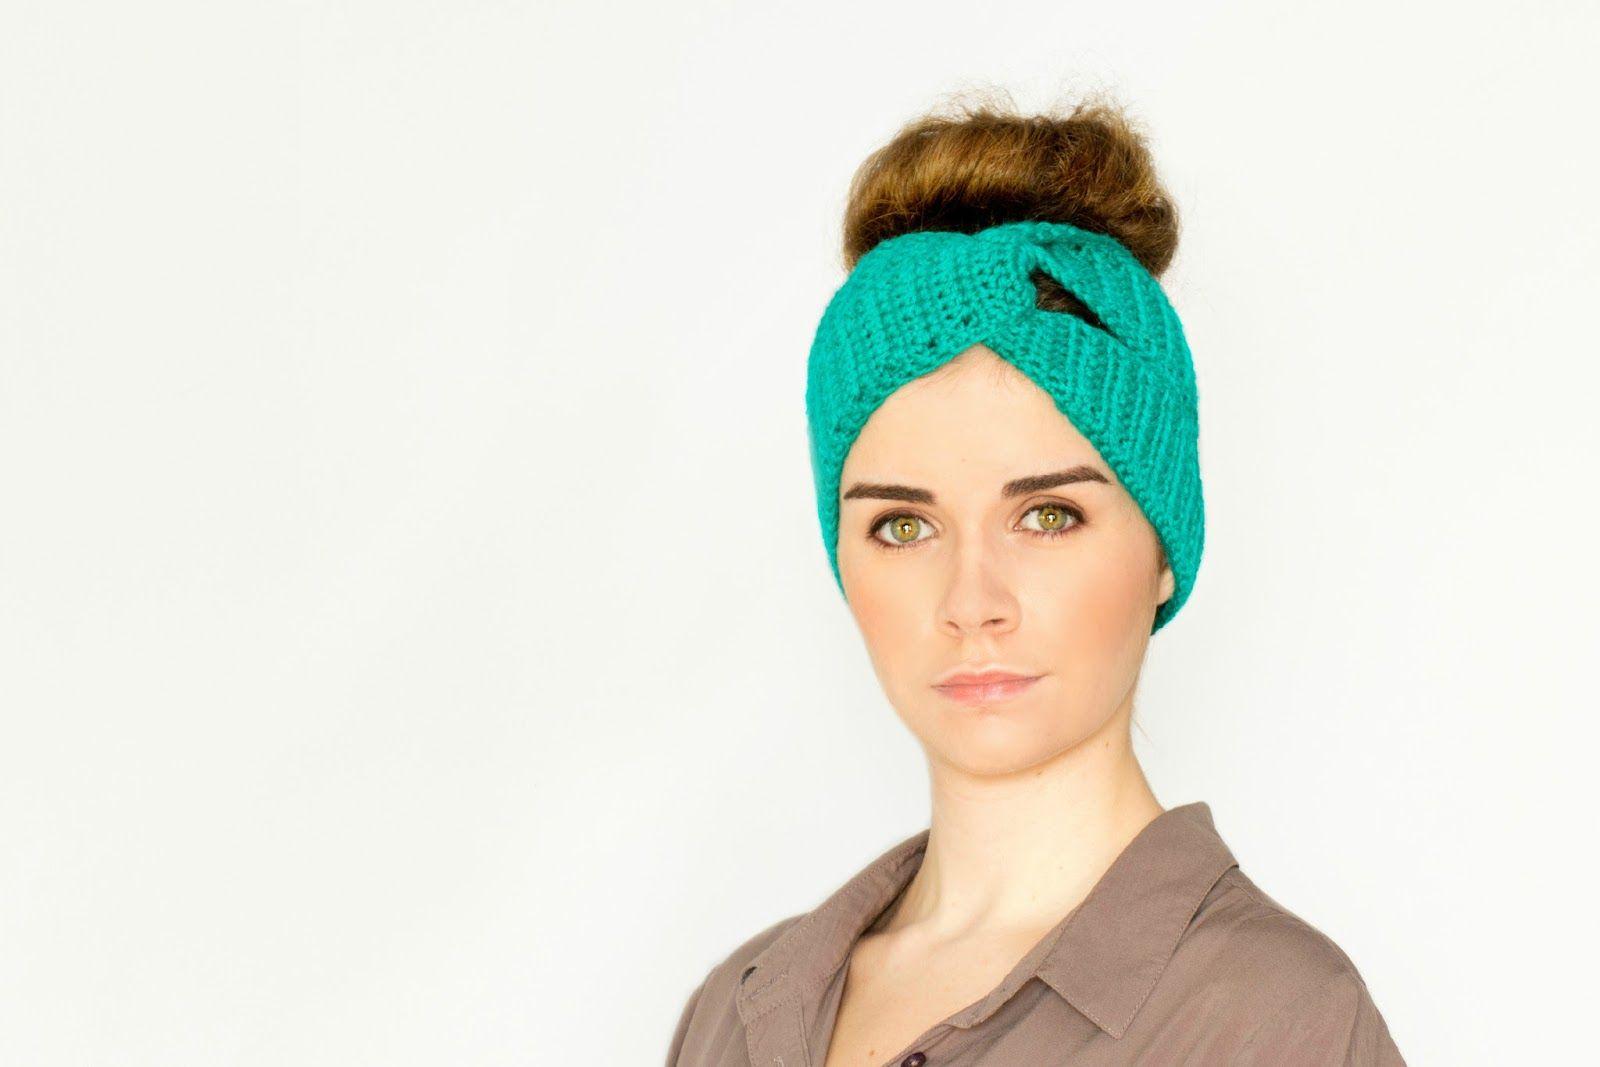 Twisted Turban Headband Crochet Pattern | Hopeful honey, Headband ...